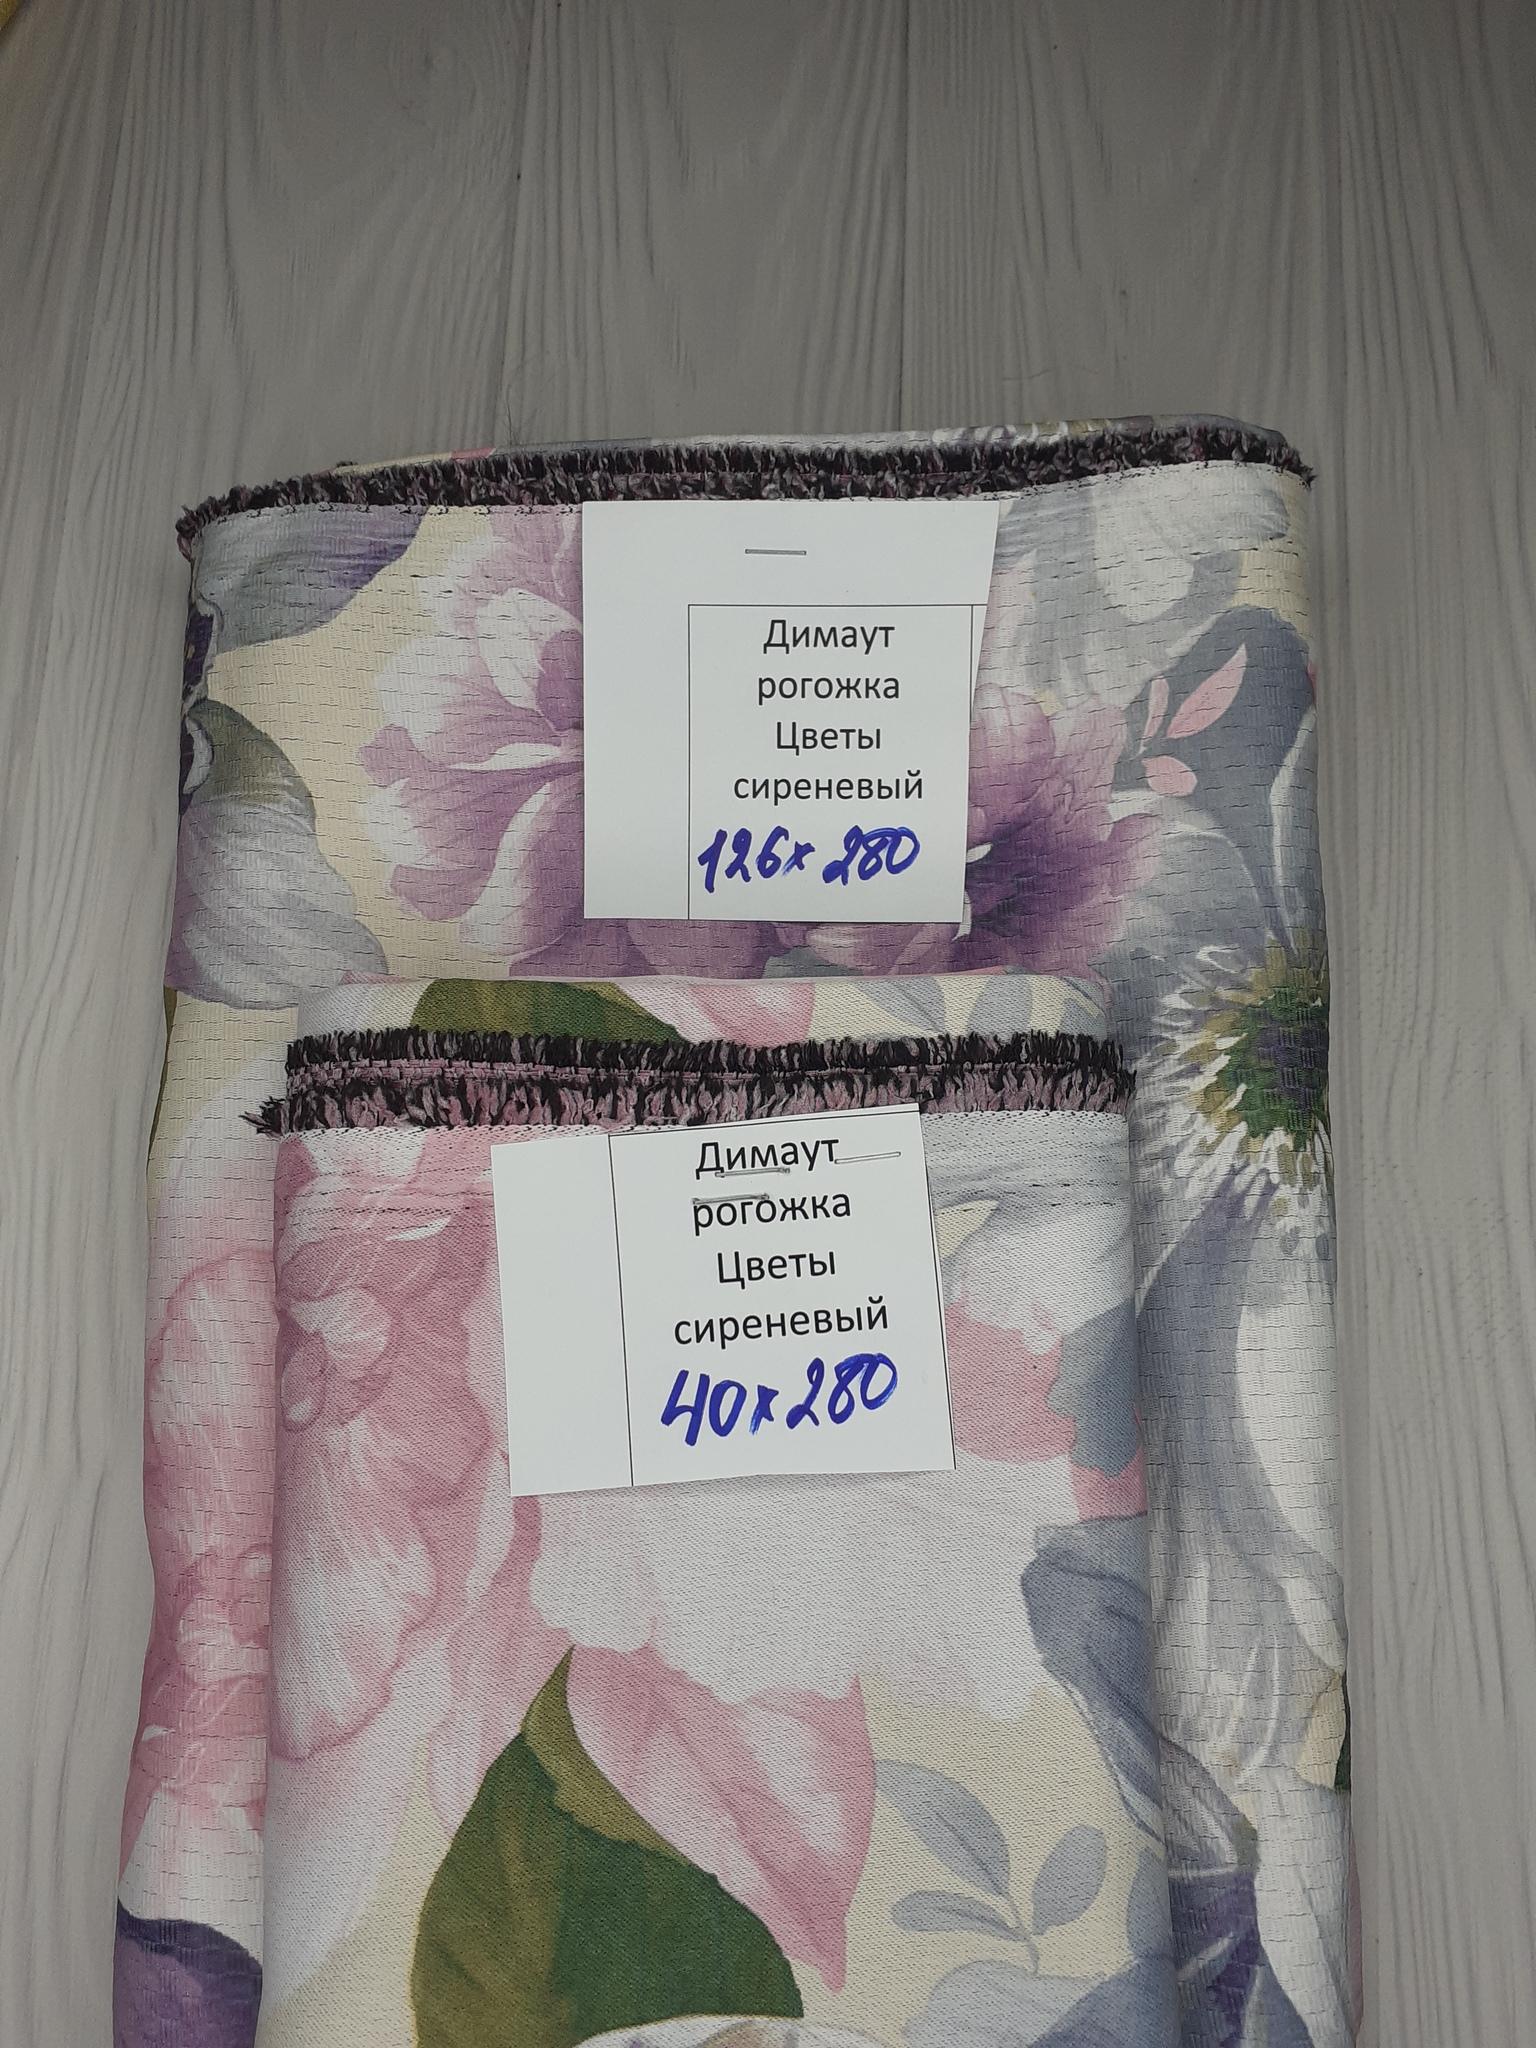 Димаут Рогожка цветы сиреневый (лоскут)